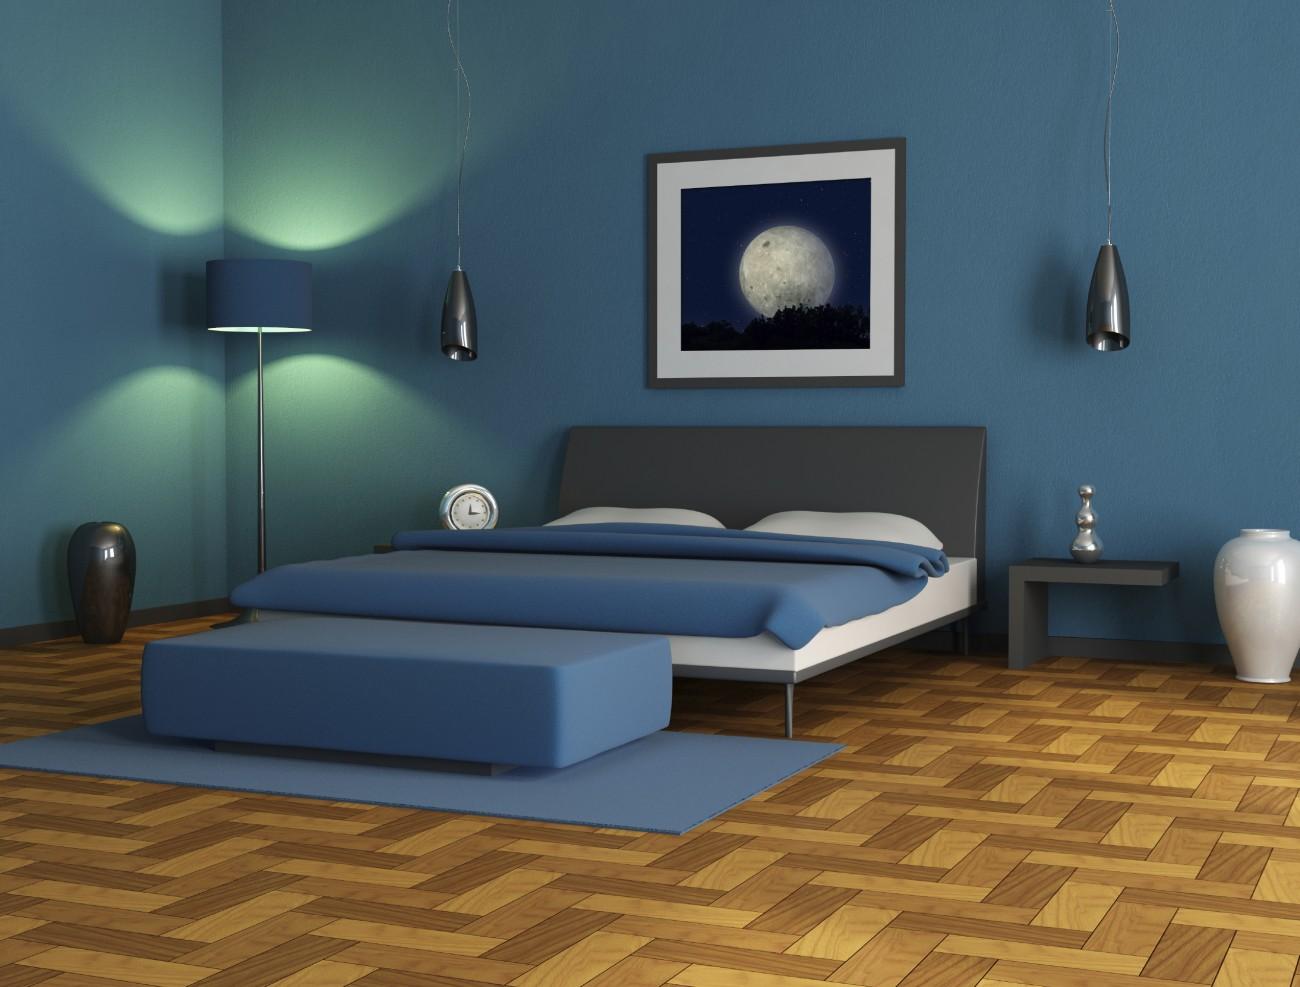 Welche farbe für das schlafzimmer  Die ideale Wandfarbe fürs Schlafzimmer | erdbeerlounge.de